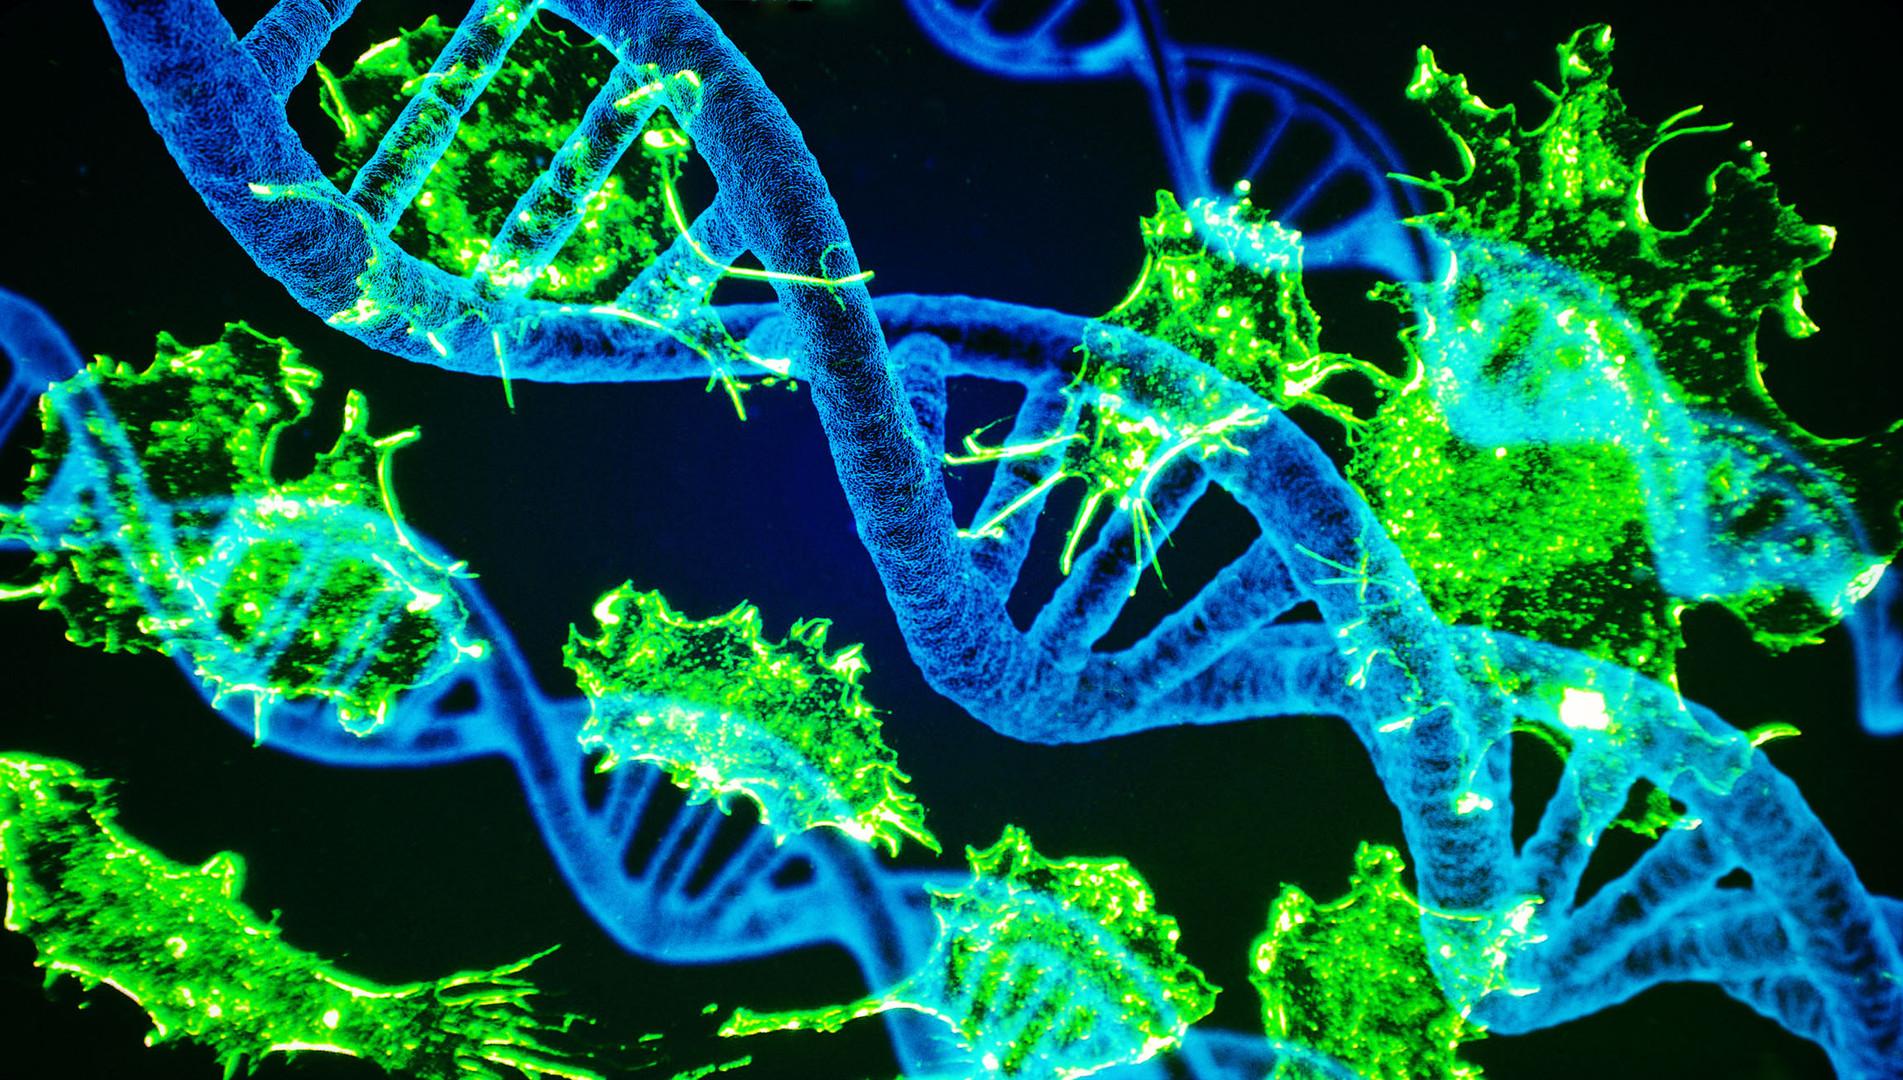 Krebszellen und DNA 2 17.jpg